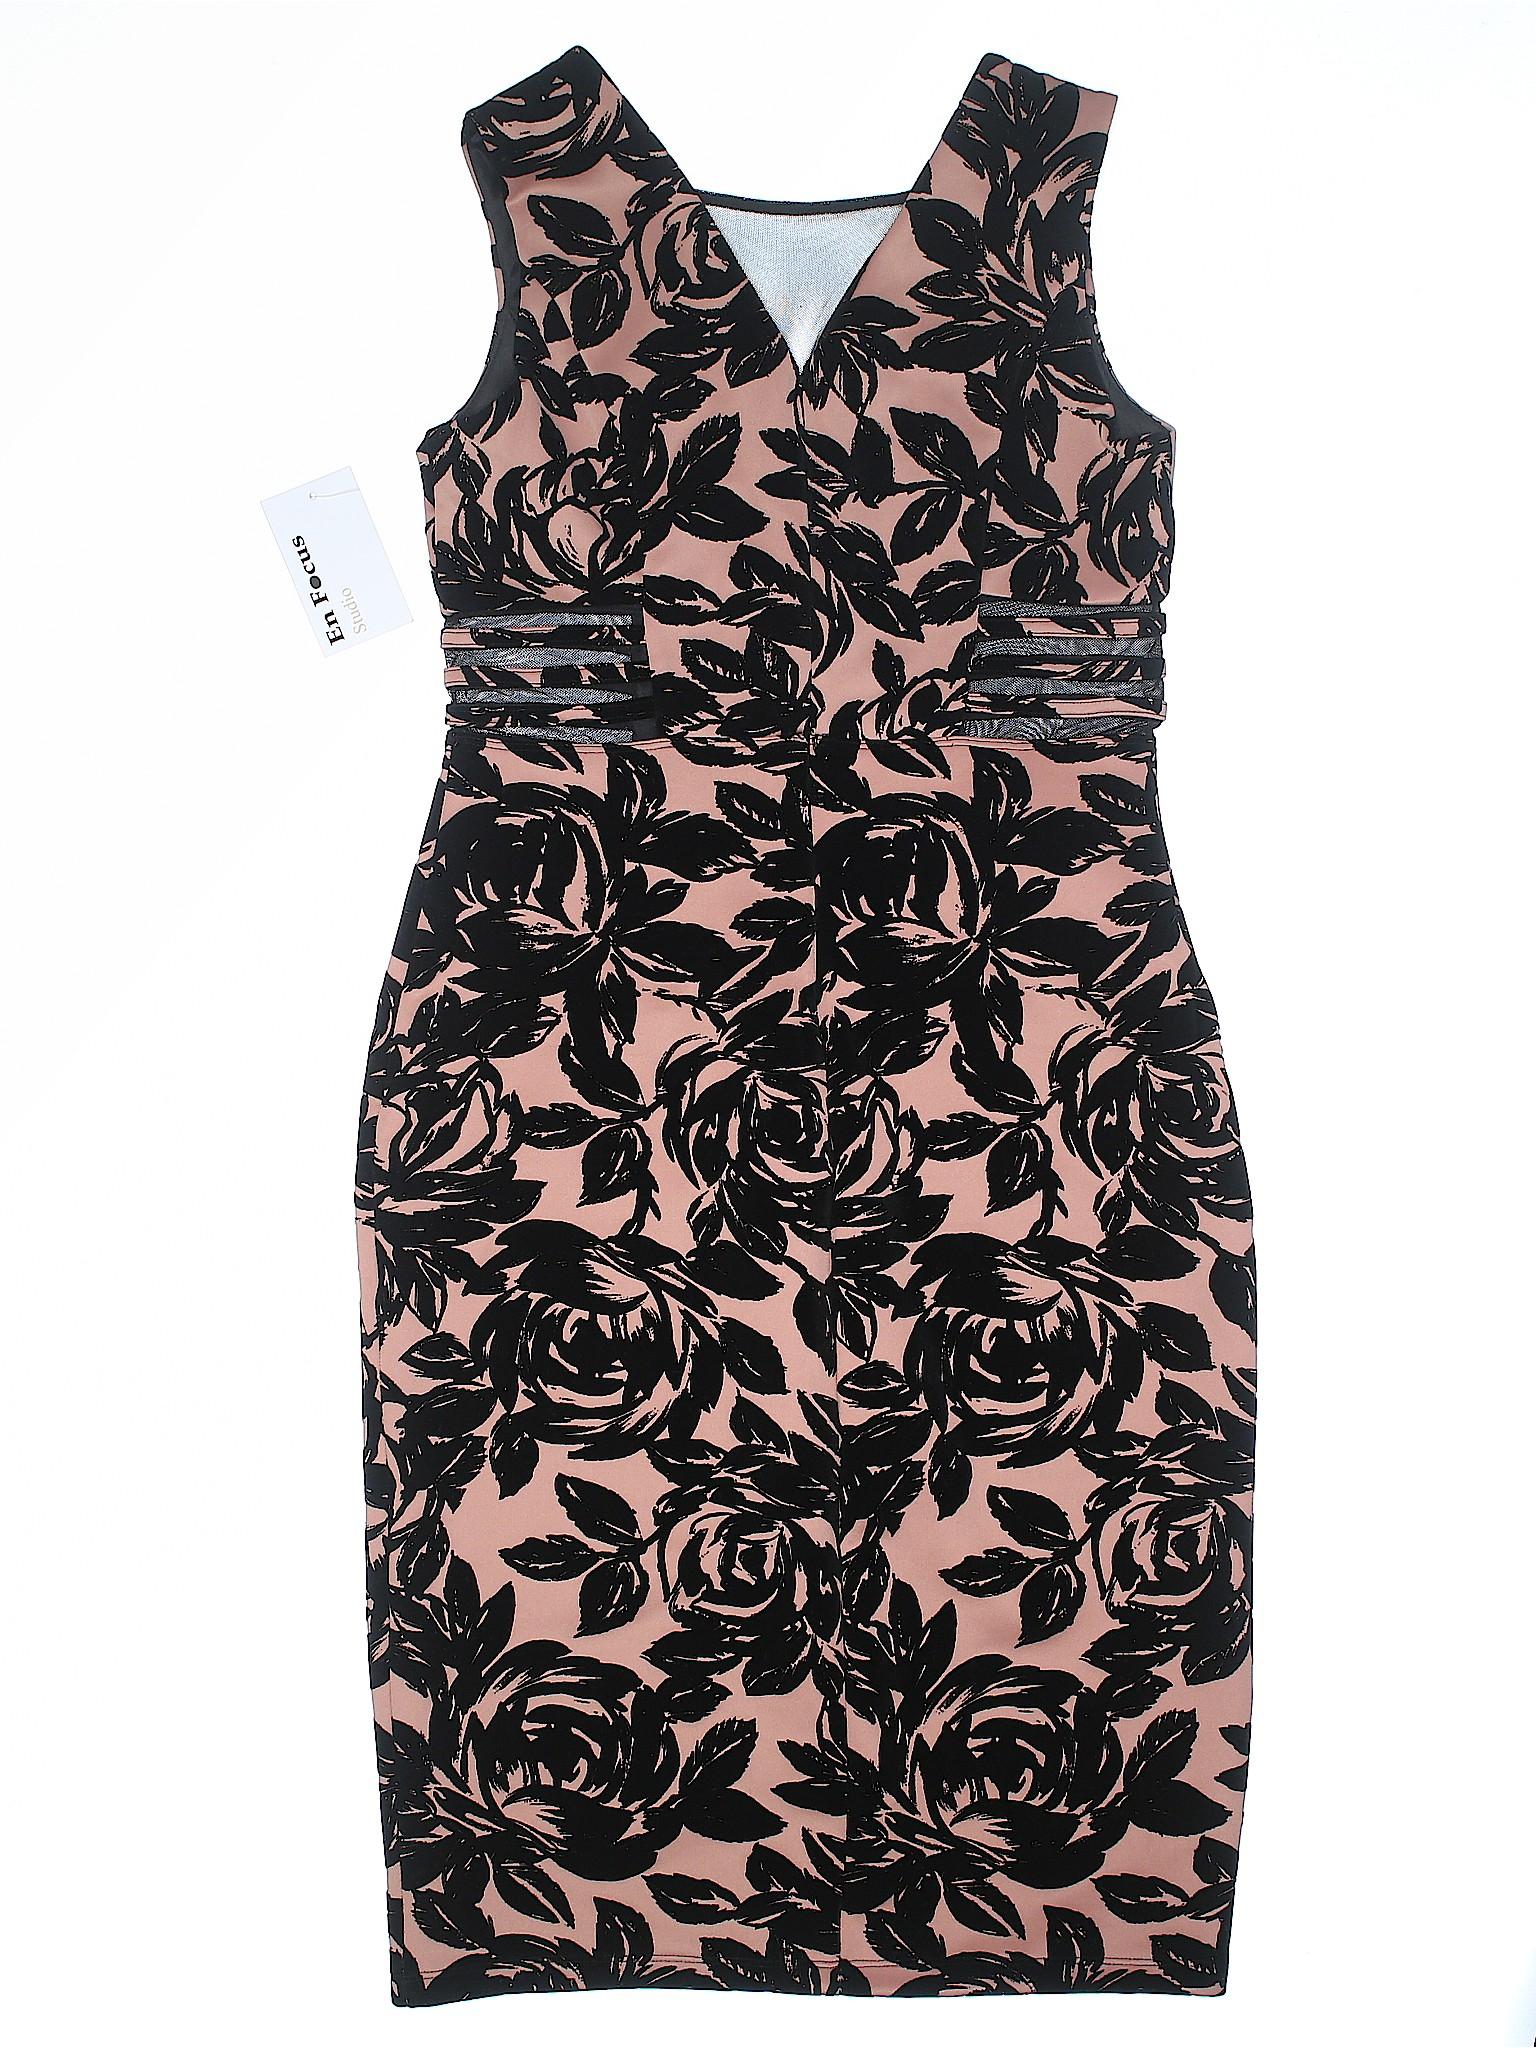 Boutique Enfocus Dress Enfocus Dress Casual Casual winter Boutique winter fwYPcxqC